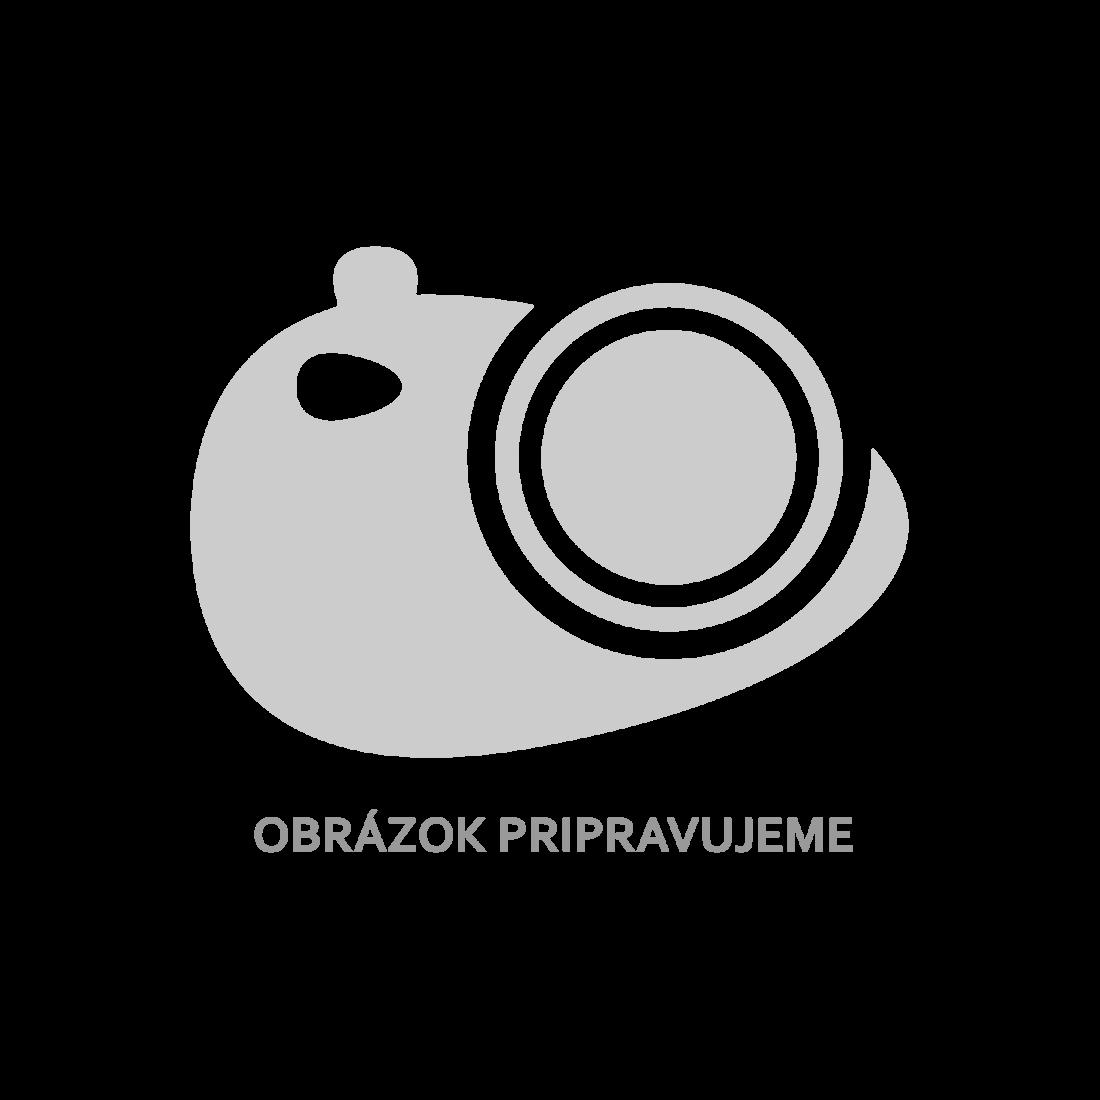 Slnečná plachta z HDPE, obdĺžniková, 4x6 m, krémová